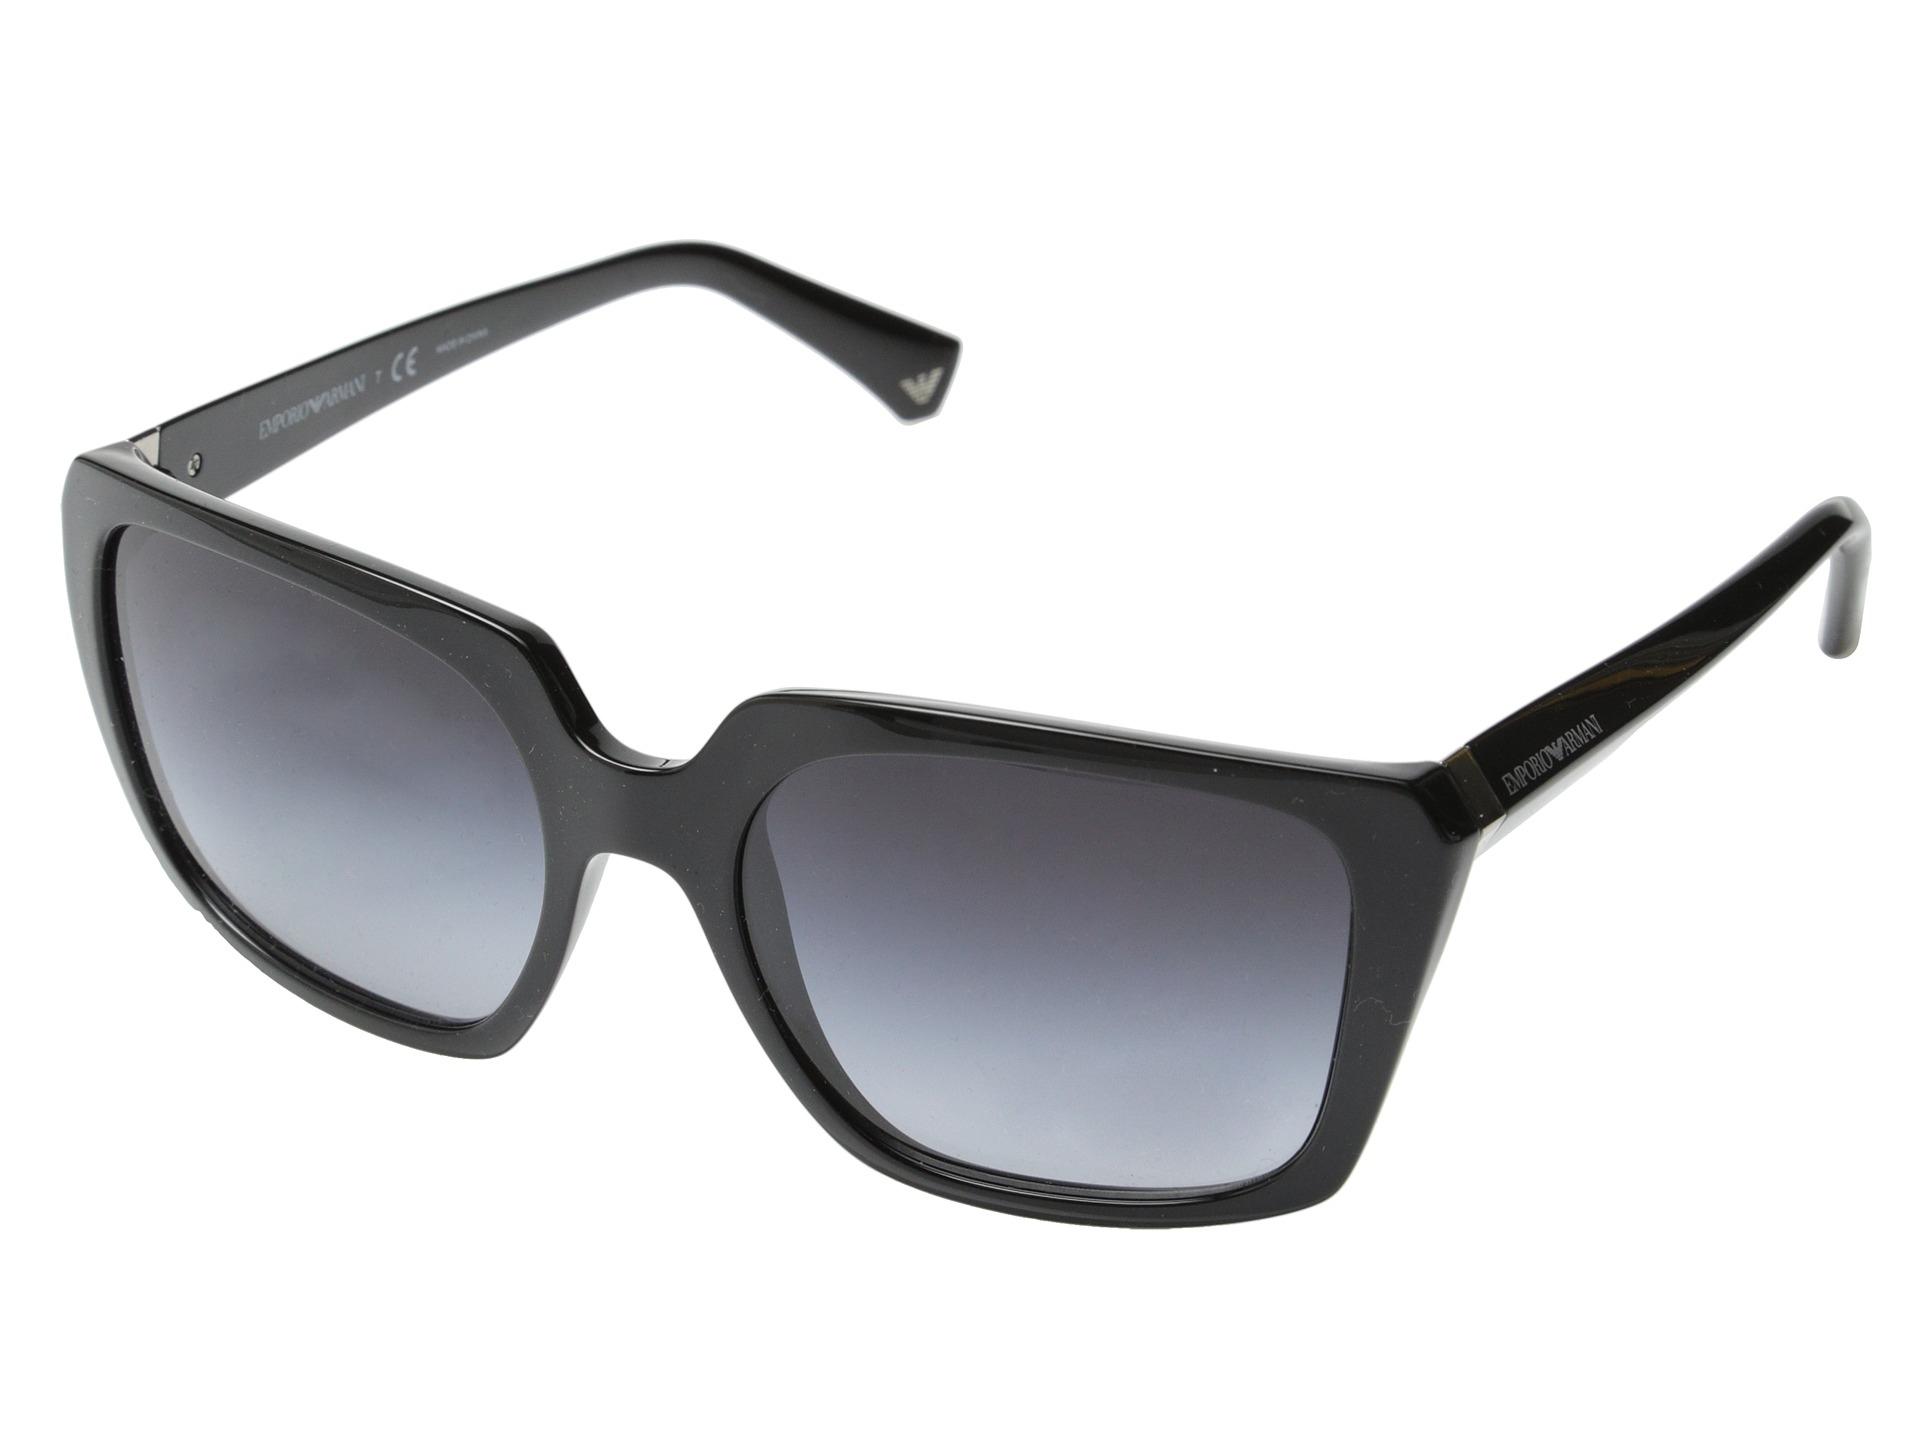 affc8d84bc58 Solbriller til kvinder - Emporio Armani solbriller EAP176939